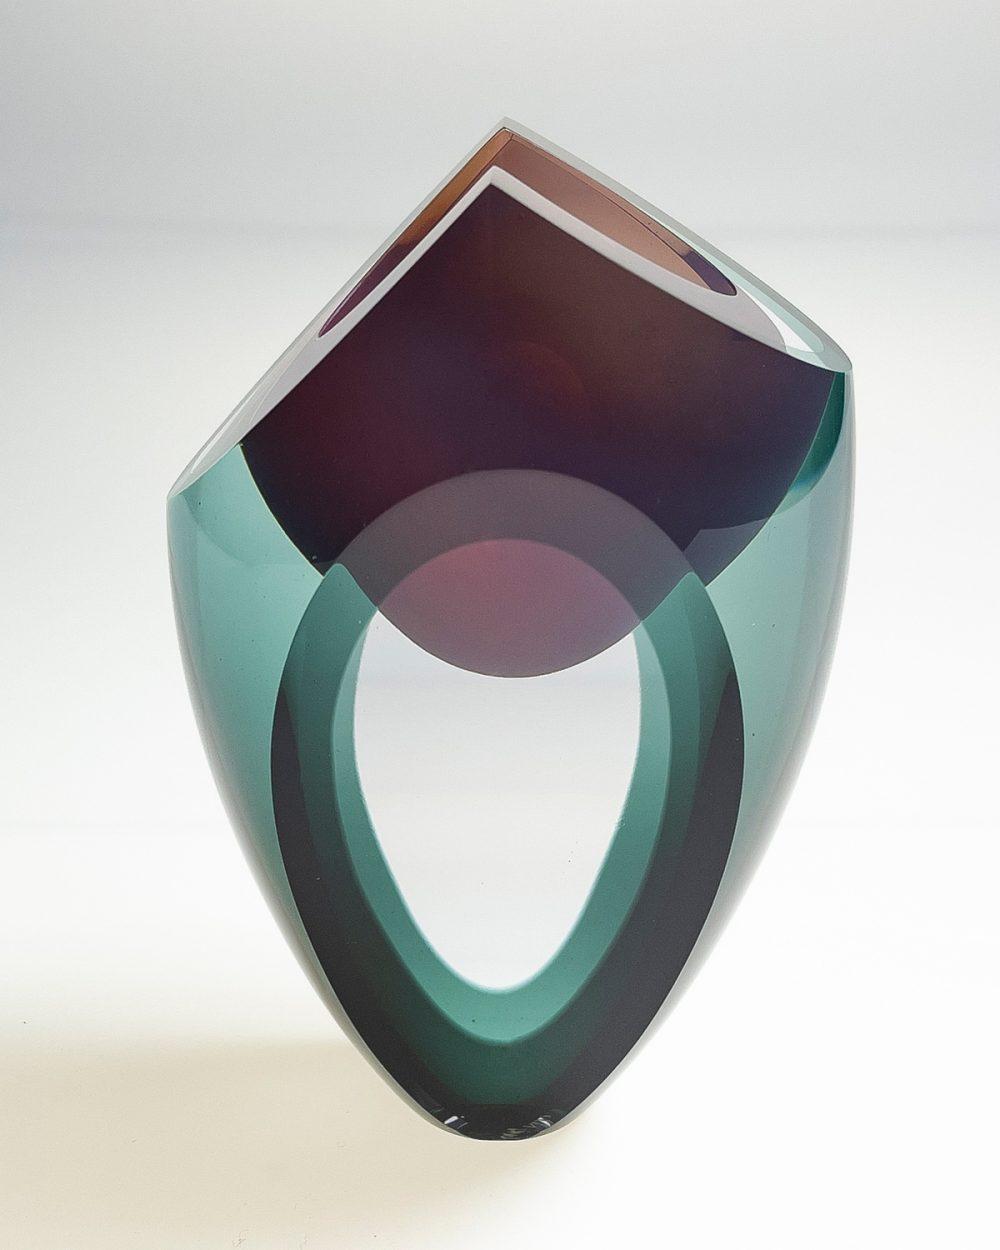 Bespoke sculpture handmade blown art glass vessel grey pink top side